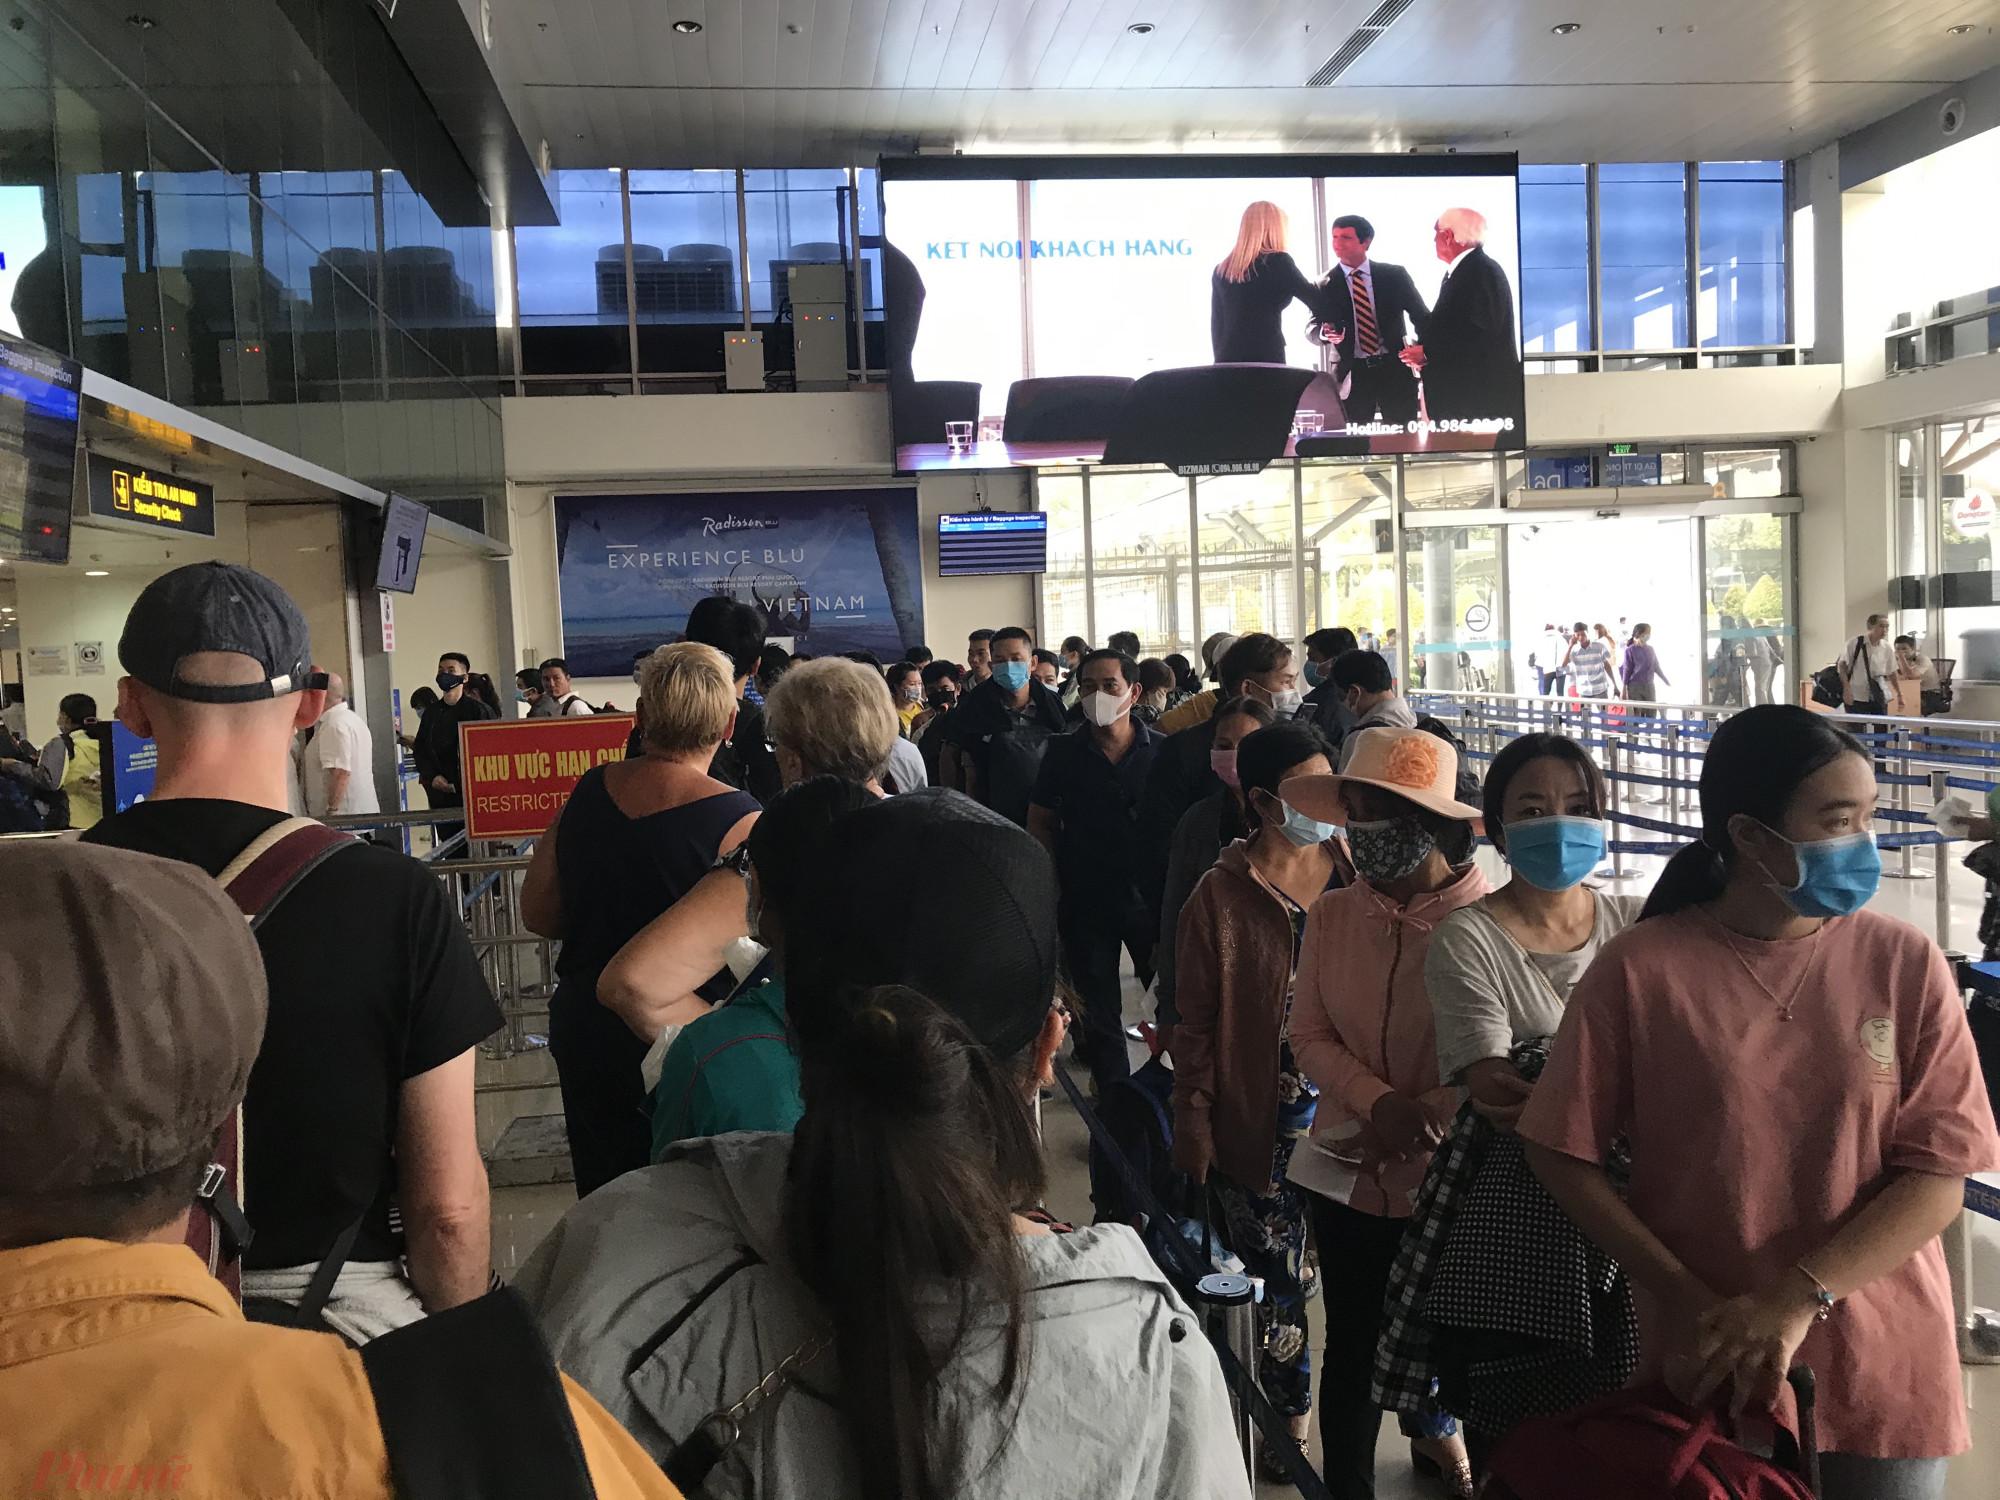 Khách hàng tại sân bay Tân Sơn Nhất bịt khẩu trang kín mít xếp hàng vào làm thủ tục hàng không. Ảnh: Quốc Thái